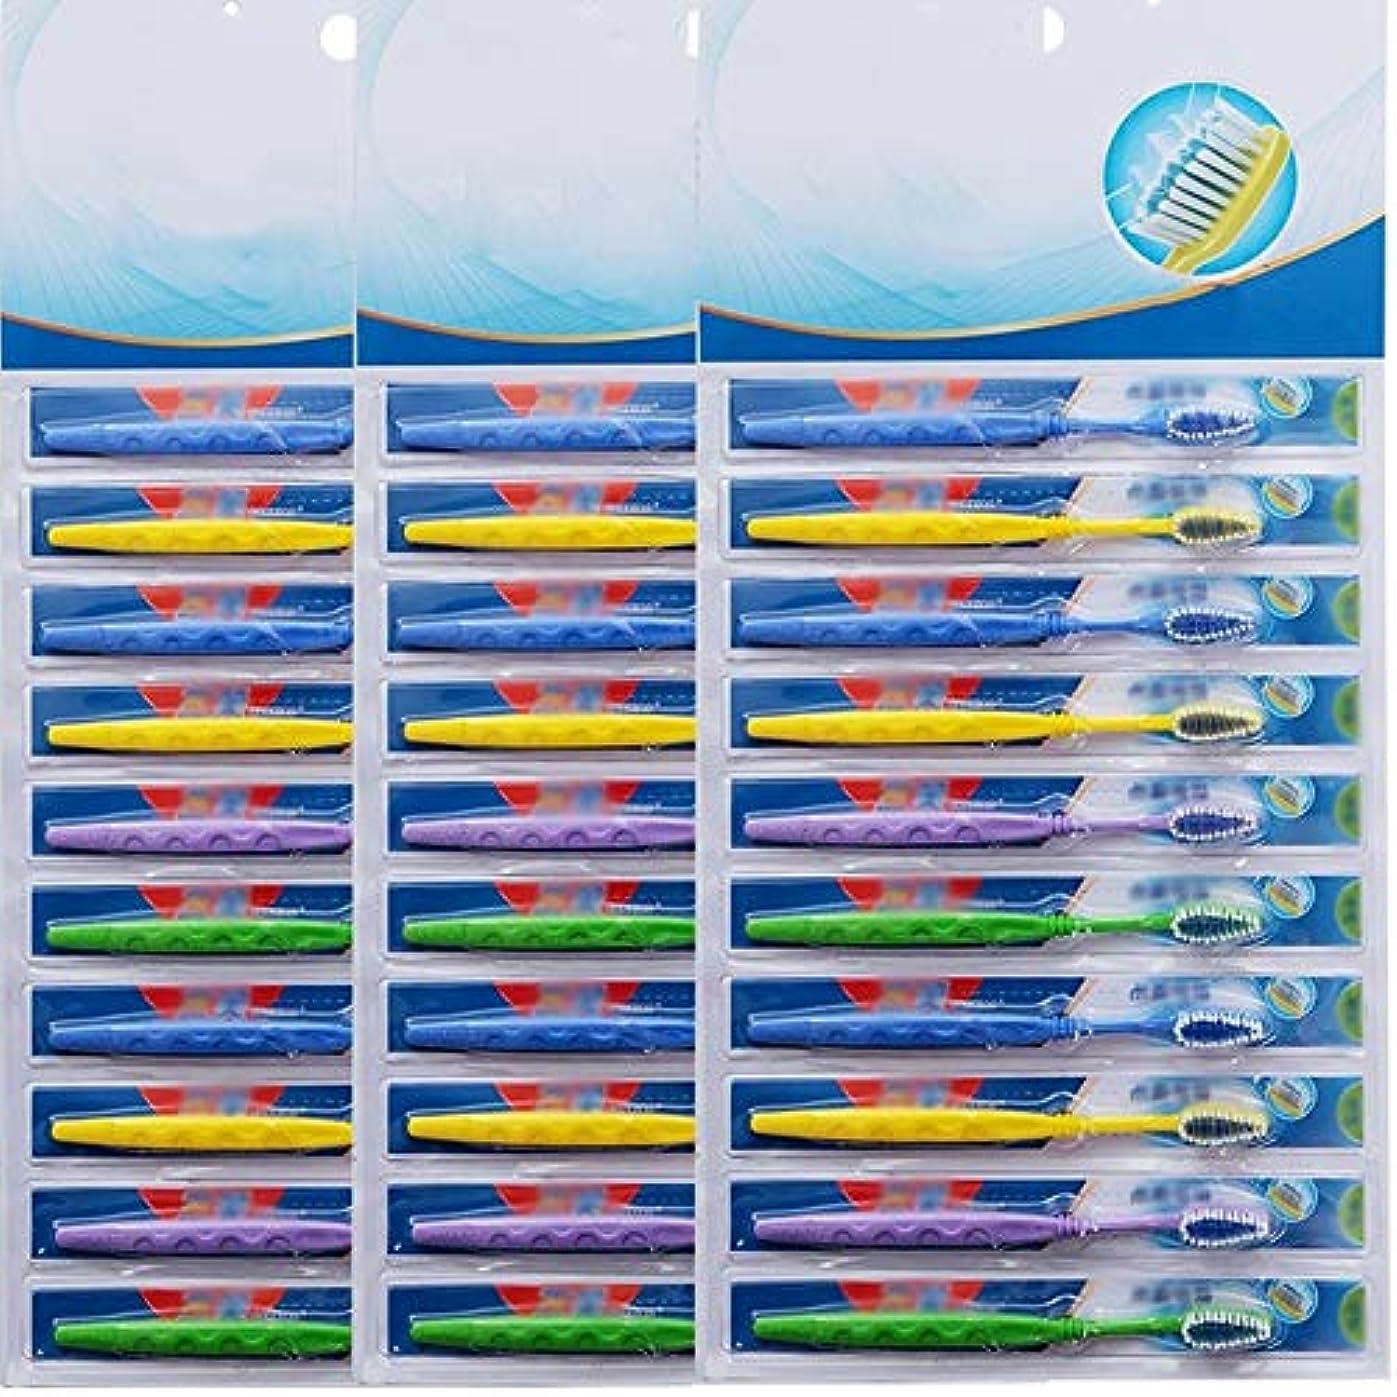 フロント下向き大陸歯ブラシ 30本の歯ブラシ、バルク大人歯ブラシ、歯茎のためのクリーンタルタルとケア - 使用可能なスタイルの2種類 KHL (色 : B, サイズ : 30 packs)